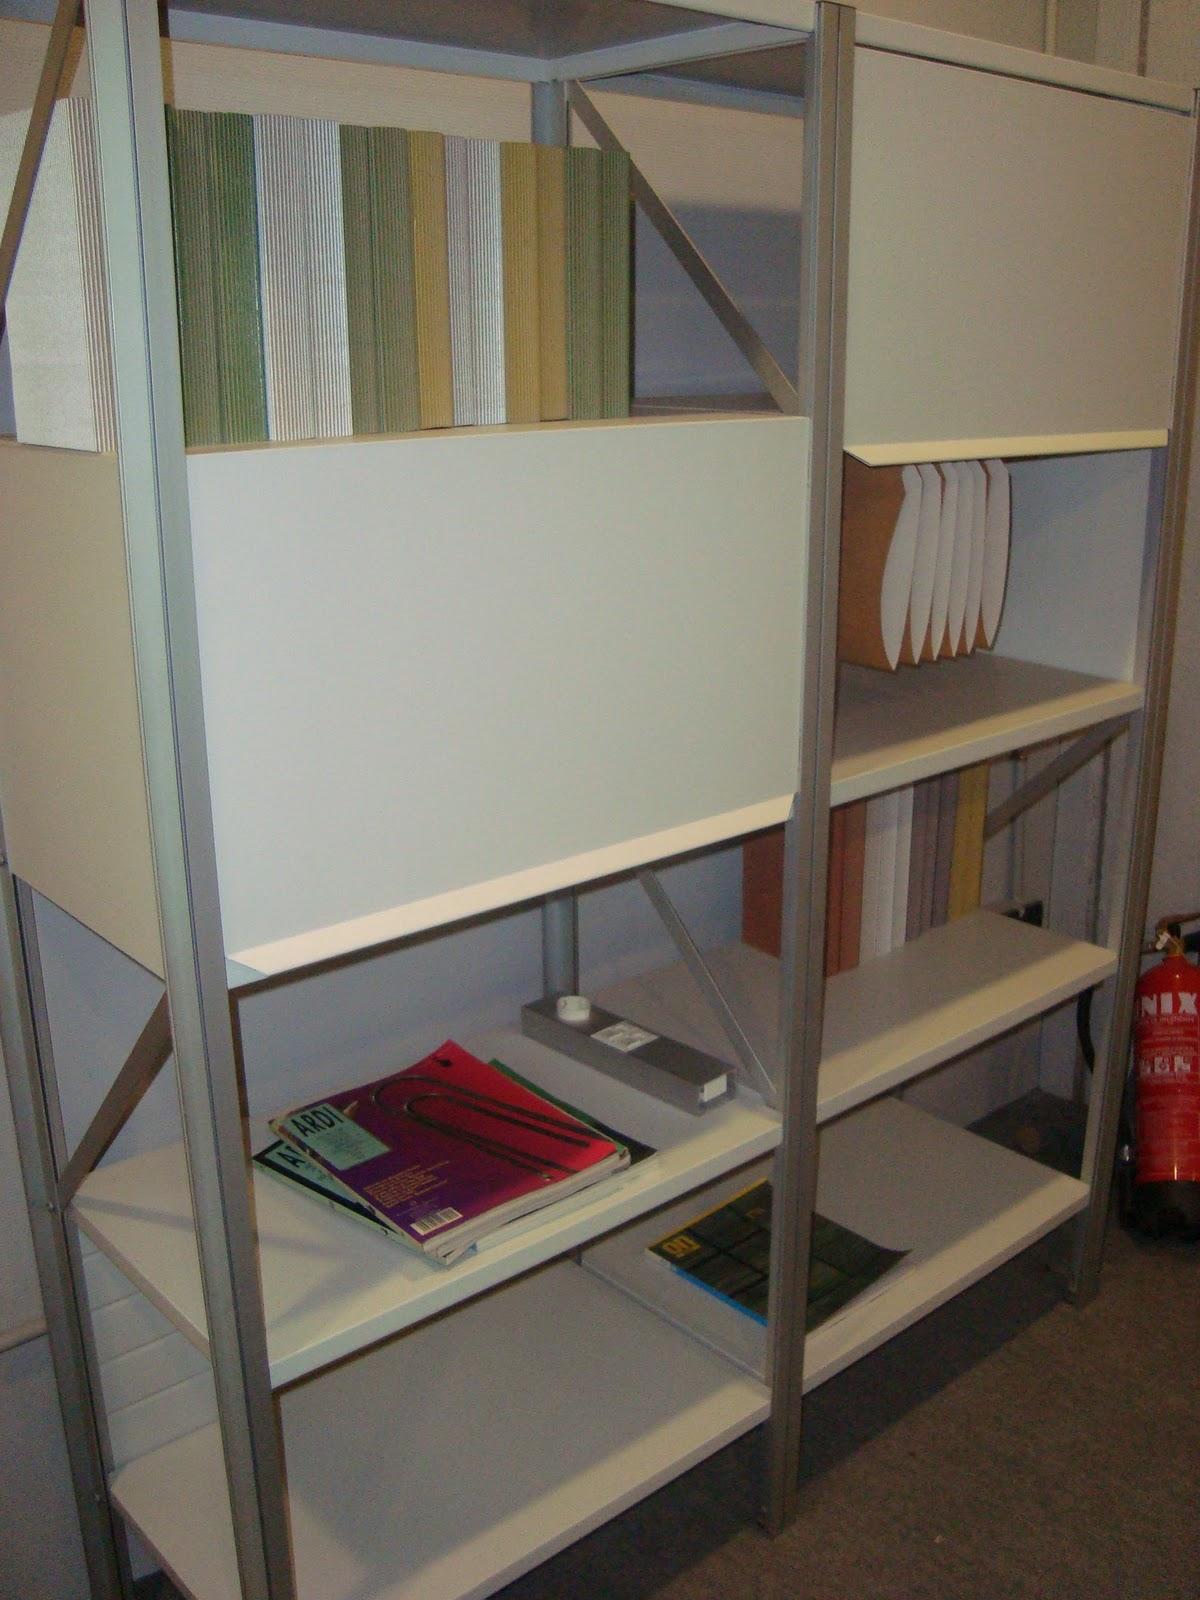 Liquidacion muebles de dise o estanterias librerias for Muebles oficina baratos liquidacion por cierre